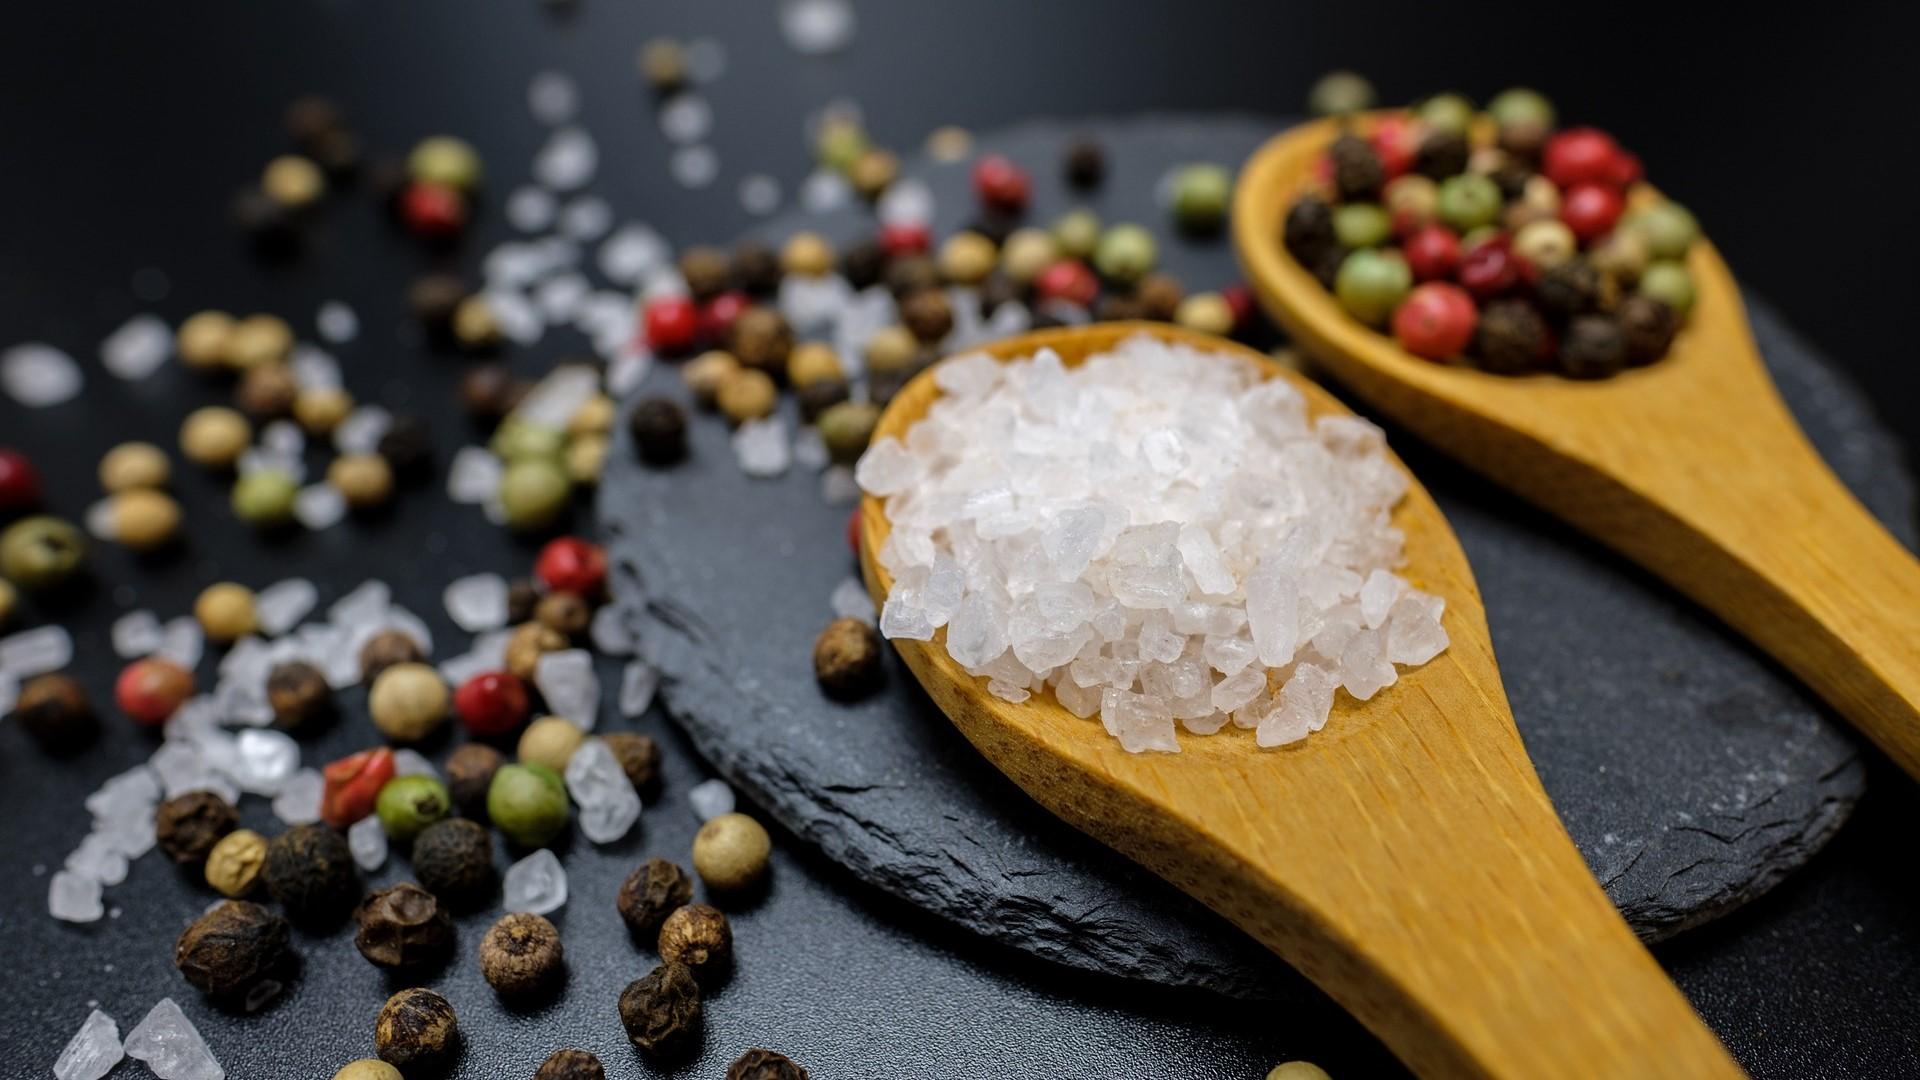 Verminderte Energie durch Salz - neue Studienergebnisse